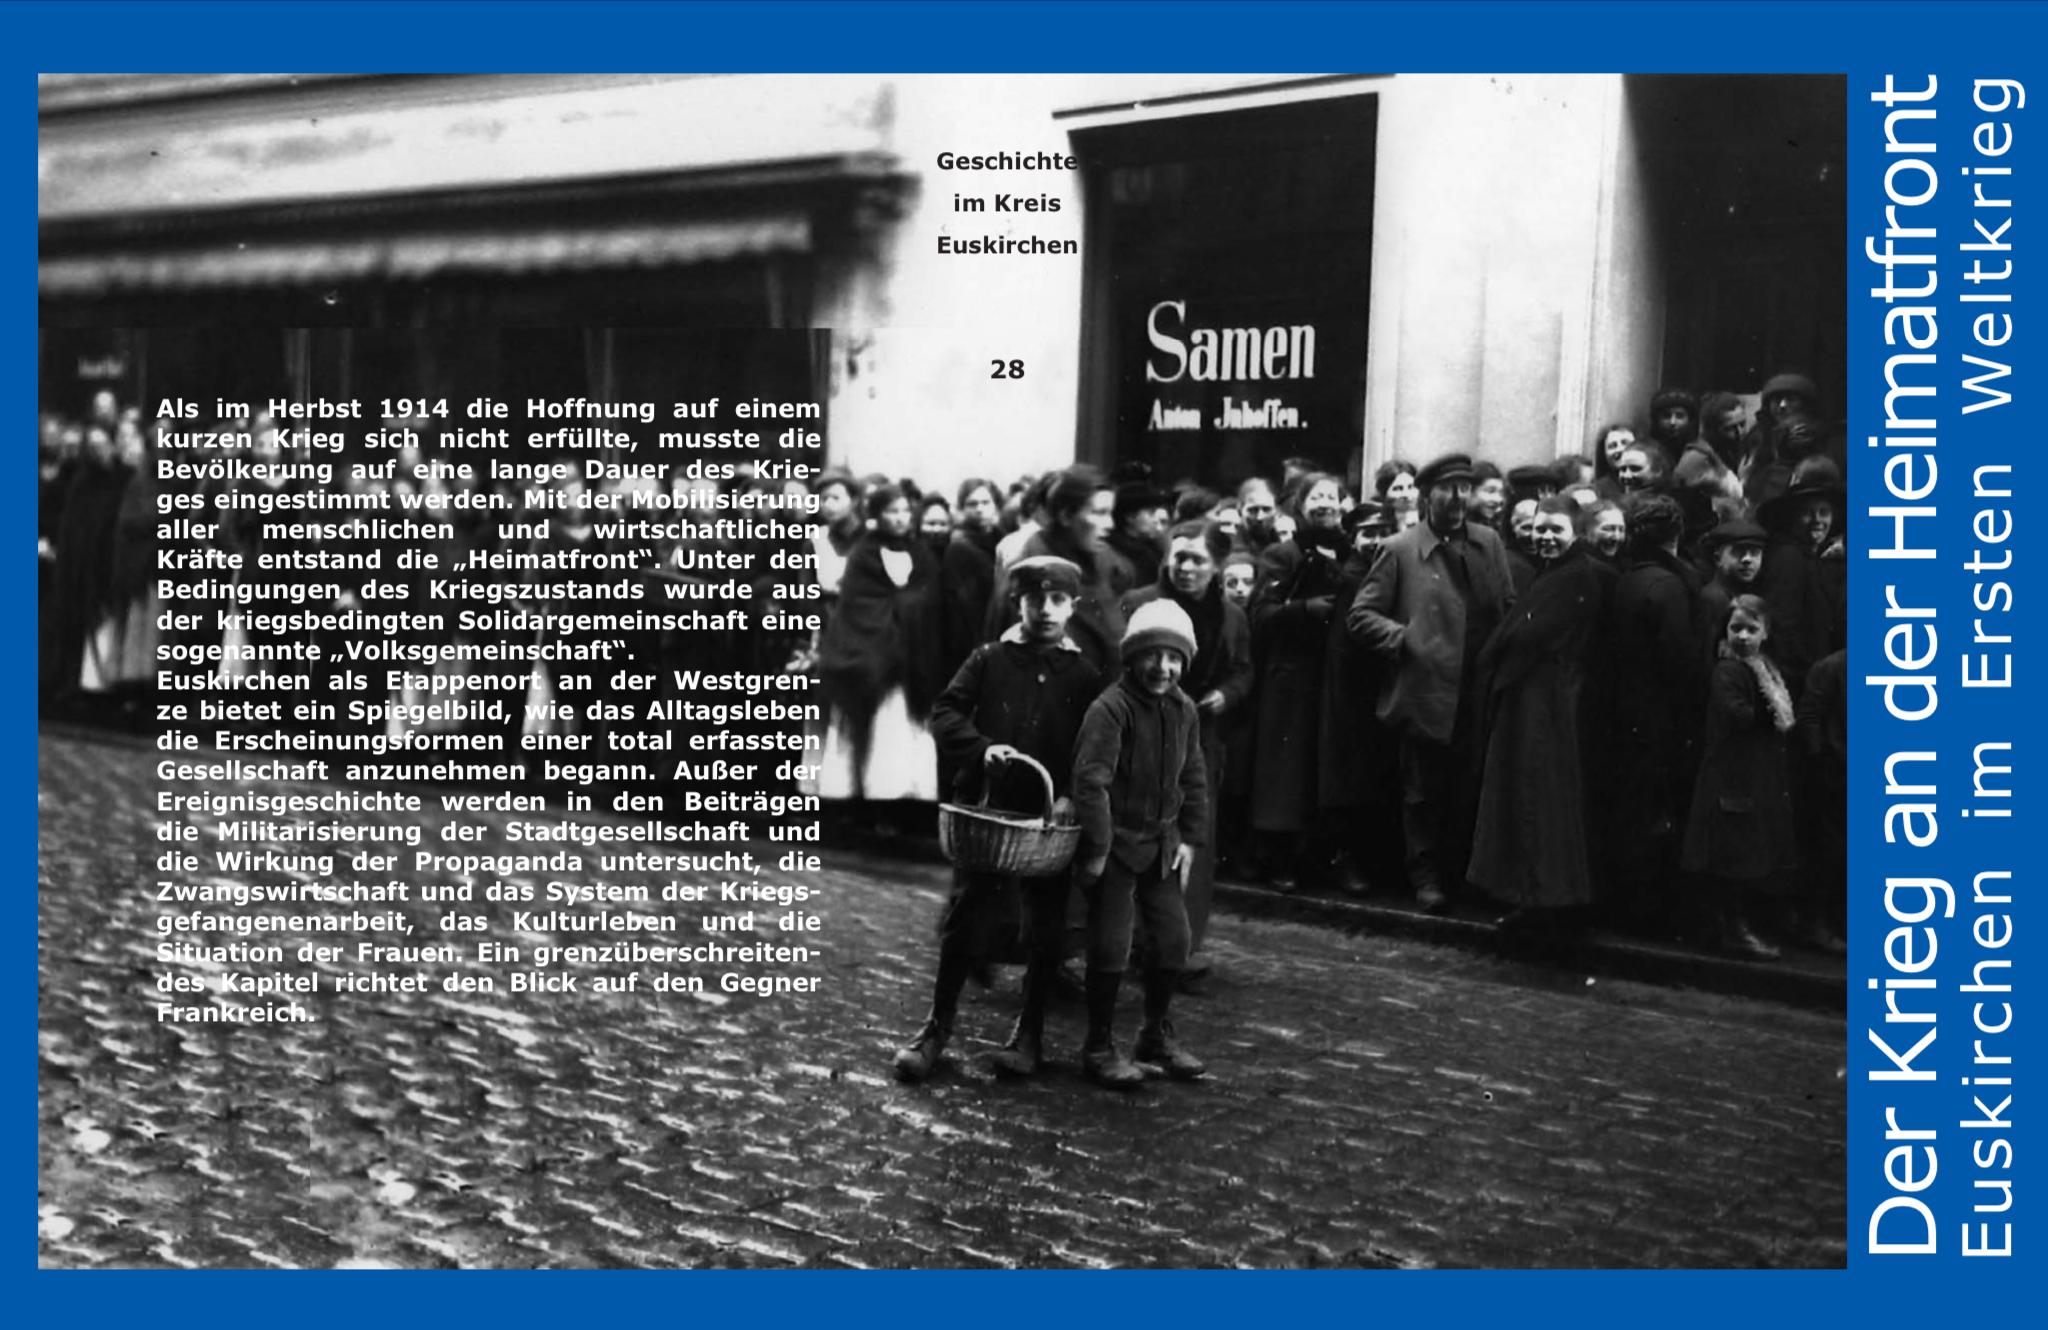 Der Krieg an der Heimatfront — Euskirchen im Ersten Weltkrieg